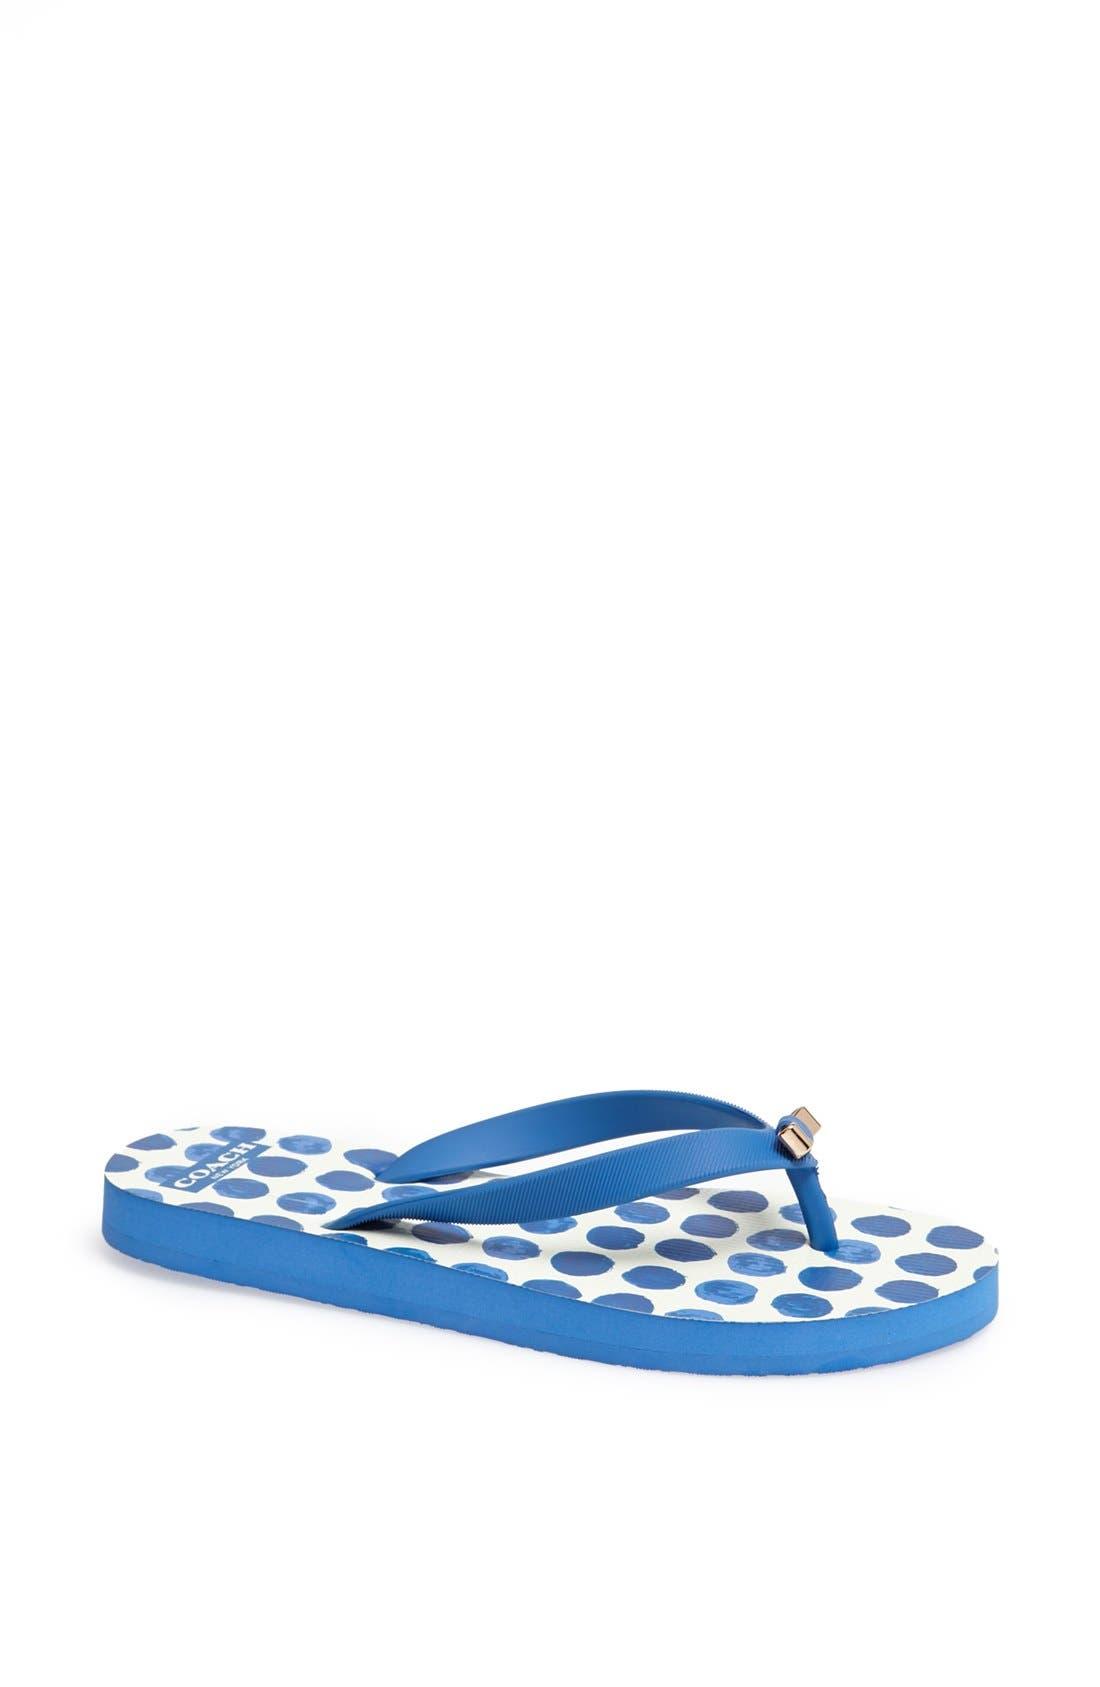 Main Image - COACH 'Amel' Flip Flop